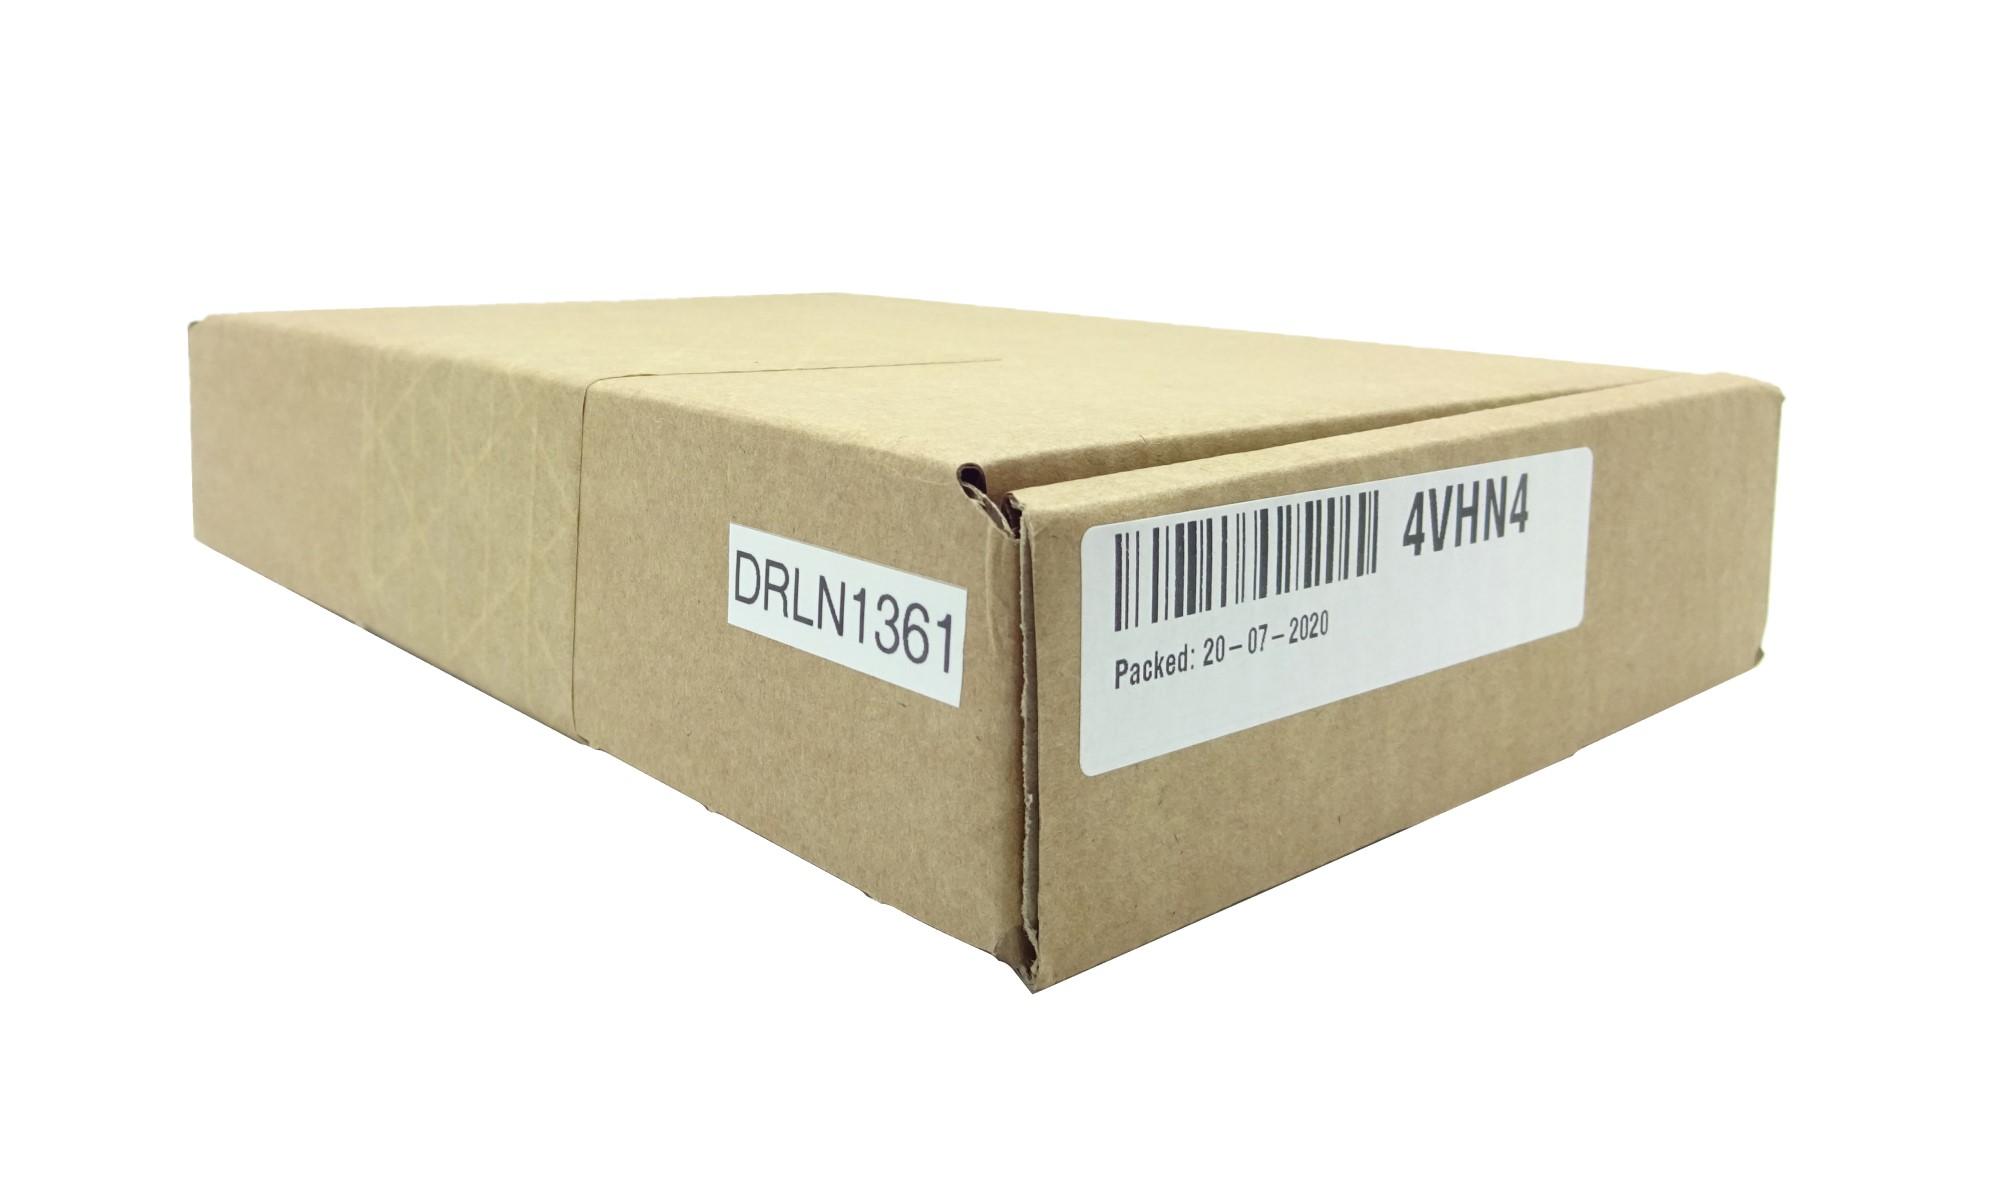 Sistem audio boxe originale Dell Latitude 5580, Precision 3520, model 4VHN4